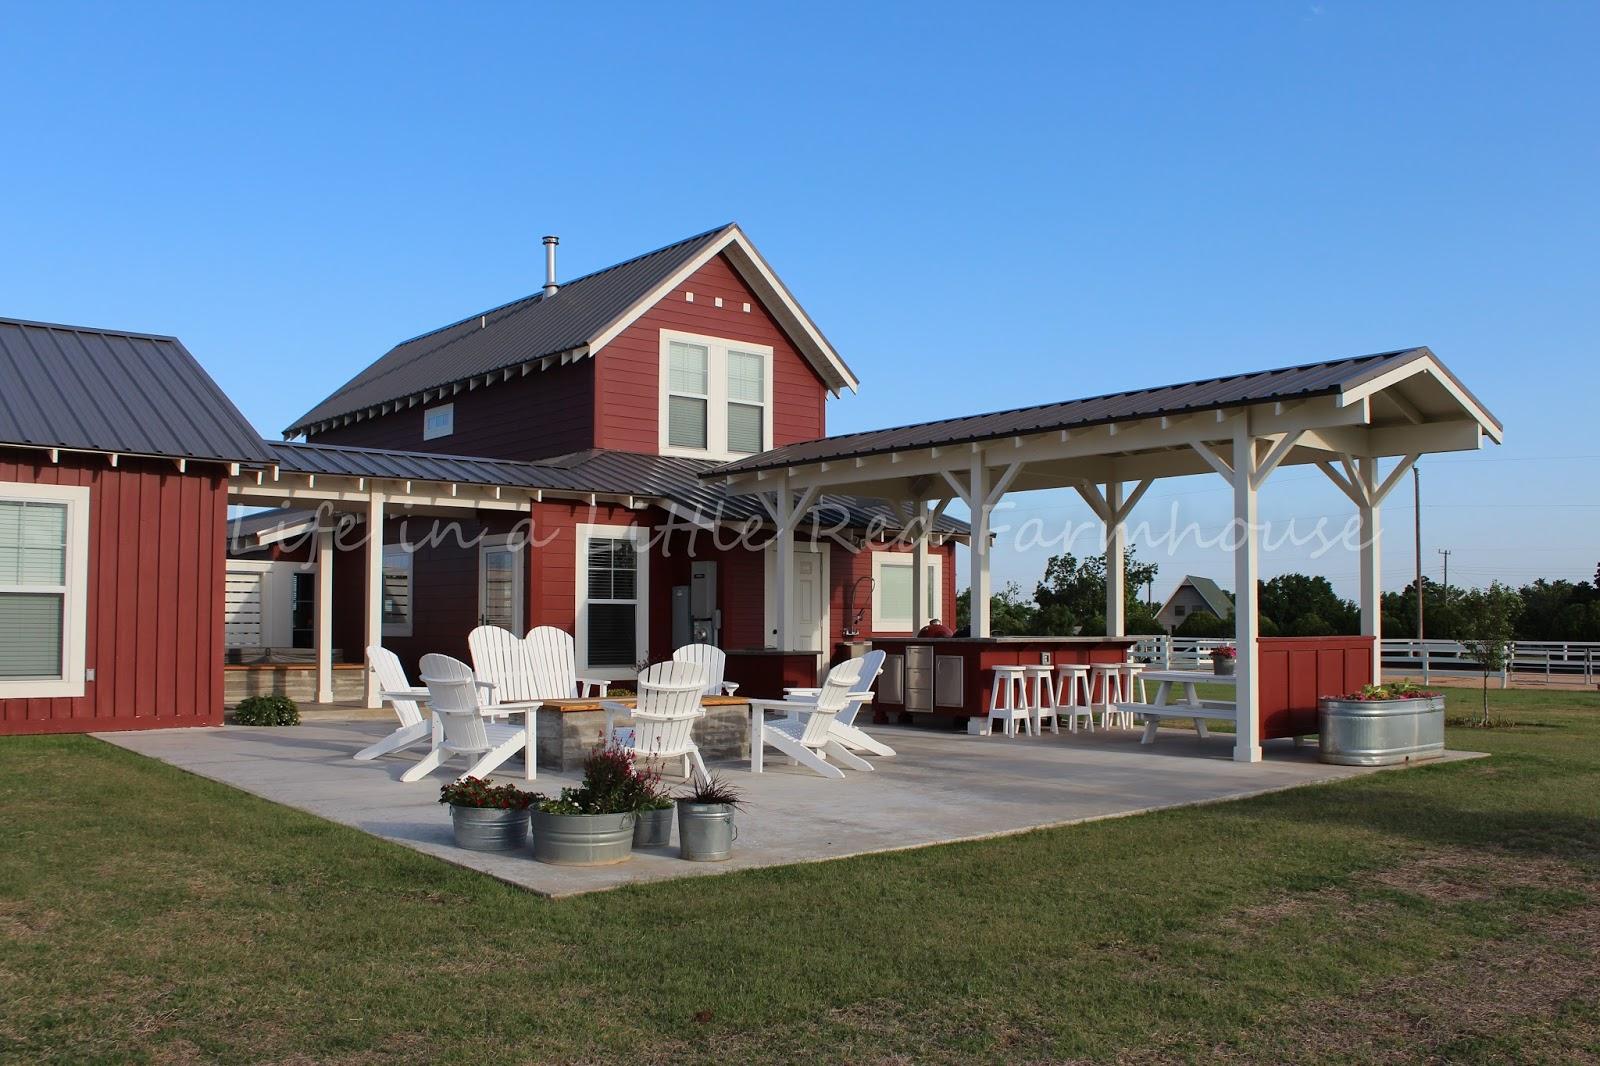 Farmhouse Outdoor Living